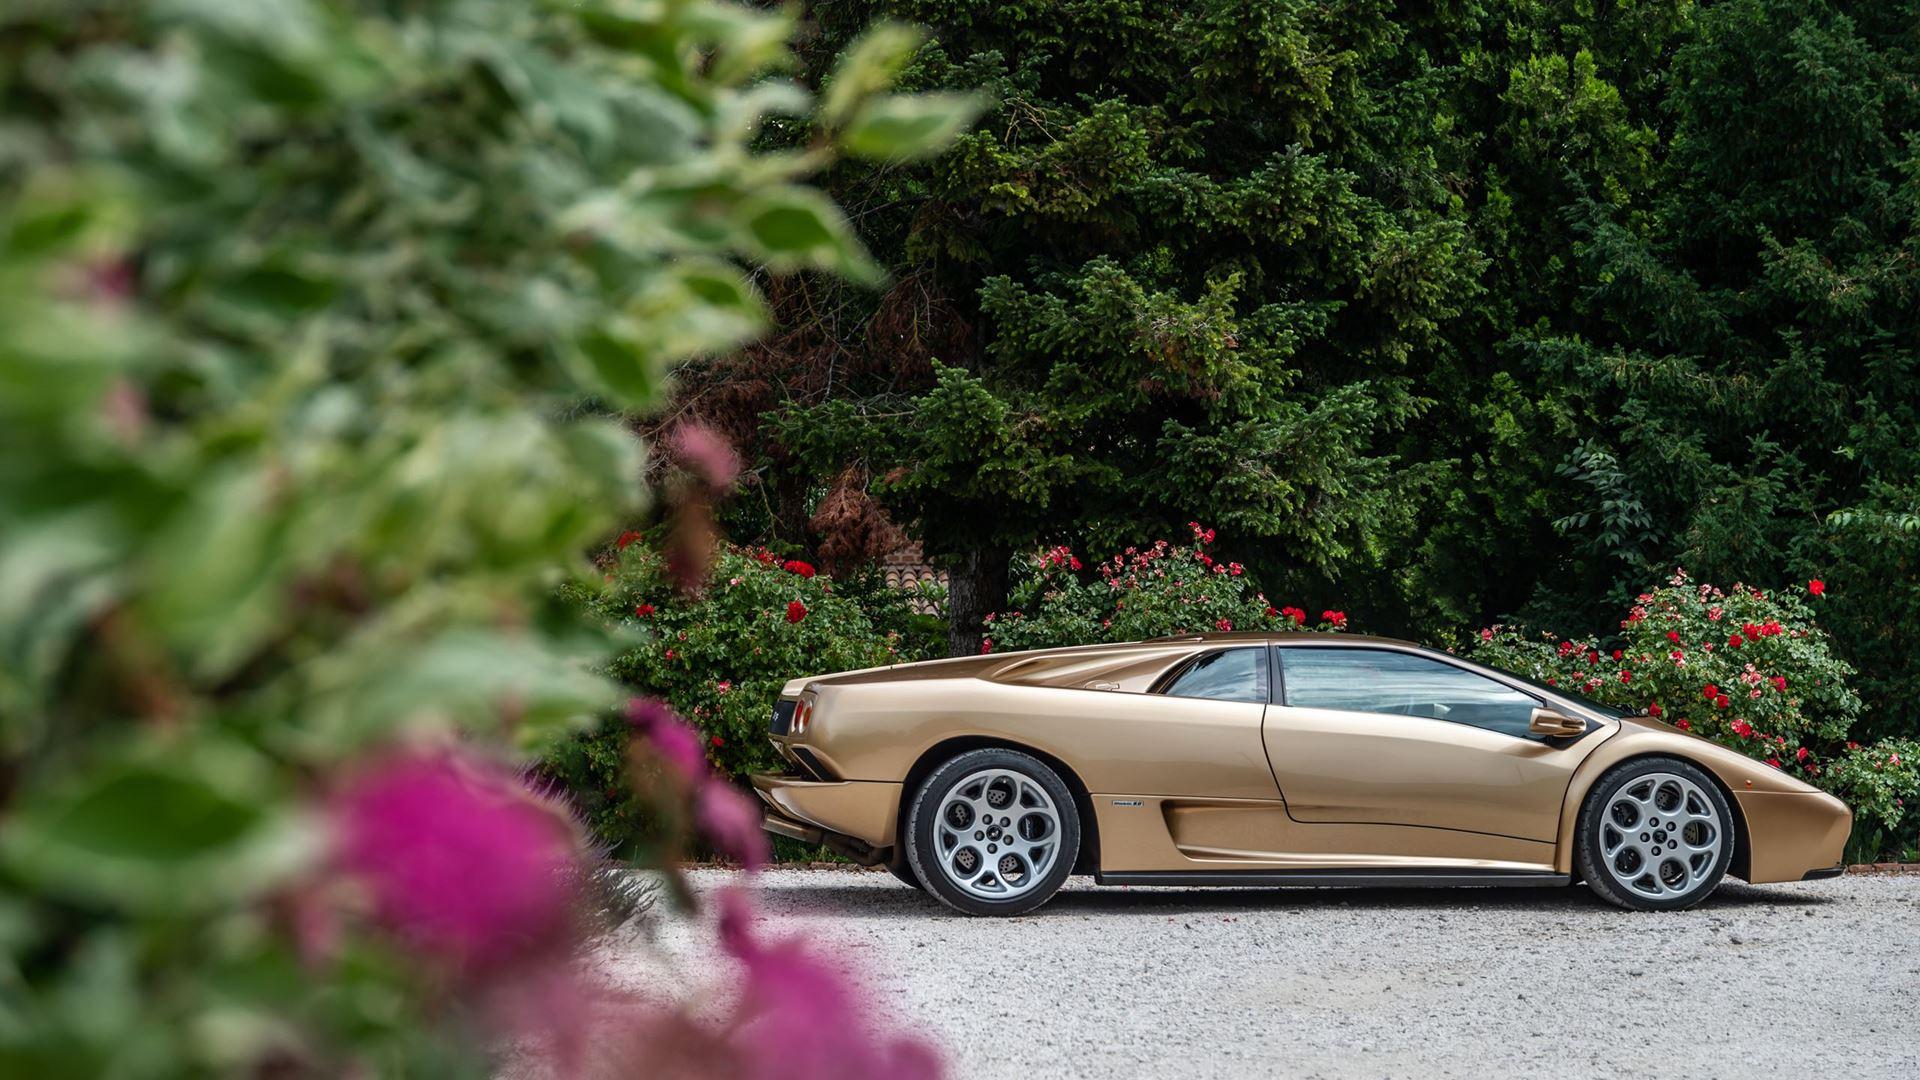 Lamborghini celebrates the 30th Anniversary of the Diablo - Image 8